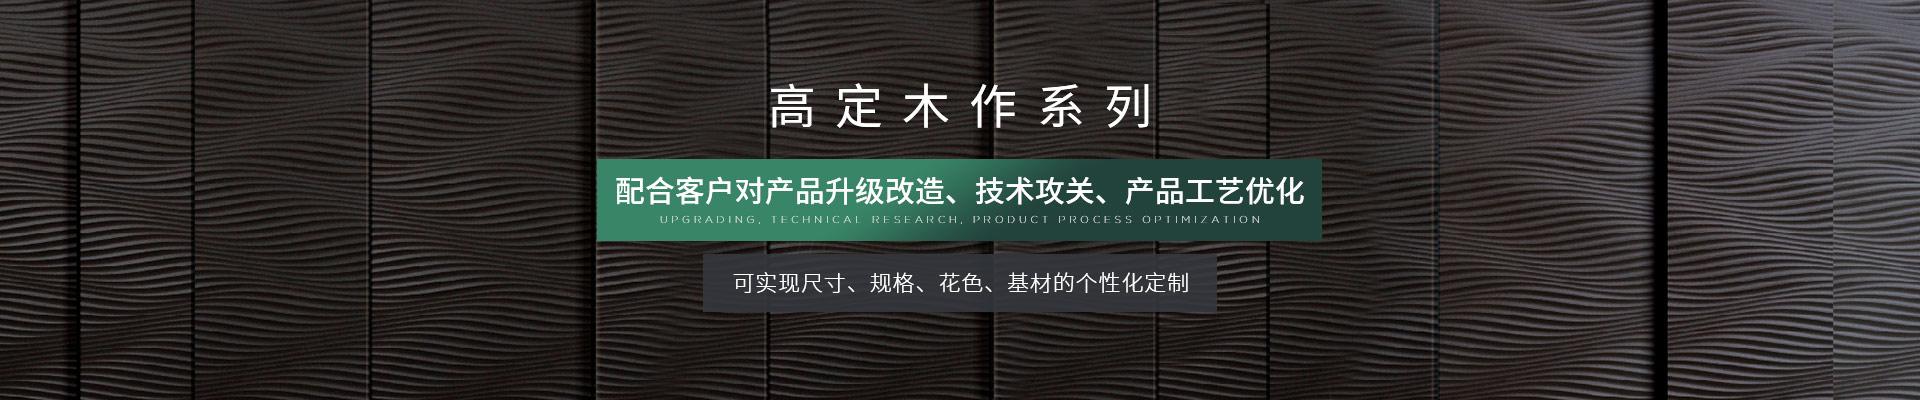 松博宇高定木作系列-可实现尺寸、规格、花色、基材的个性化定制